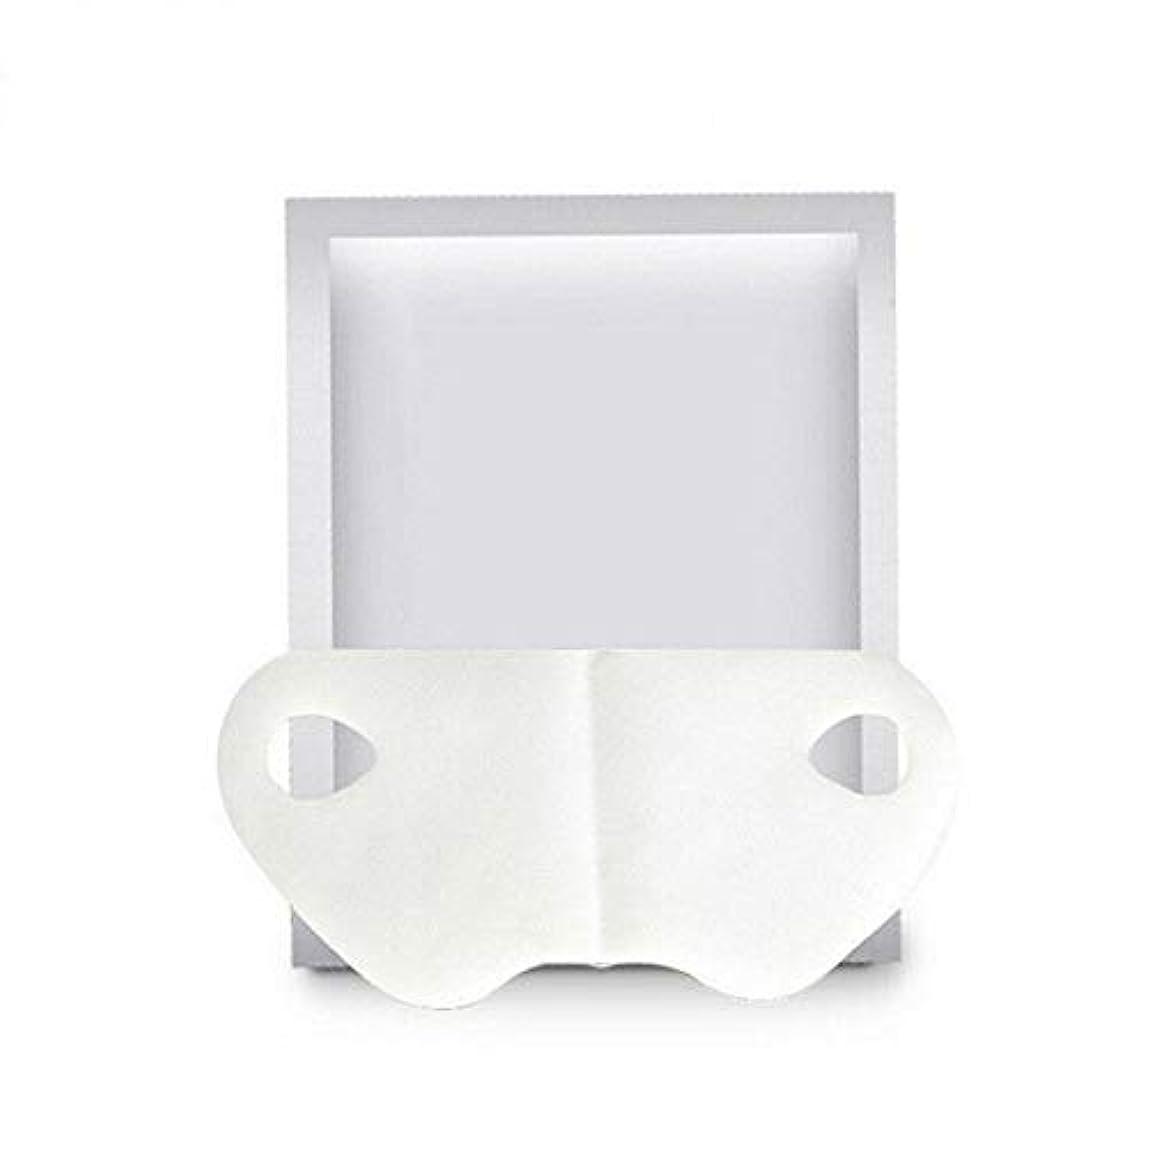 地平線理論絡み合いAylincool   保湿フェイスファーミングマスクをホワイトニングするV字型スリミングフェイスマスク